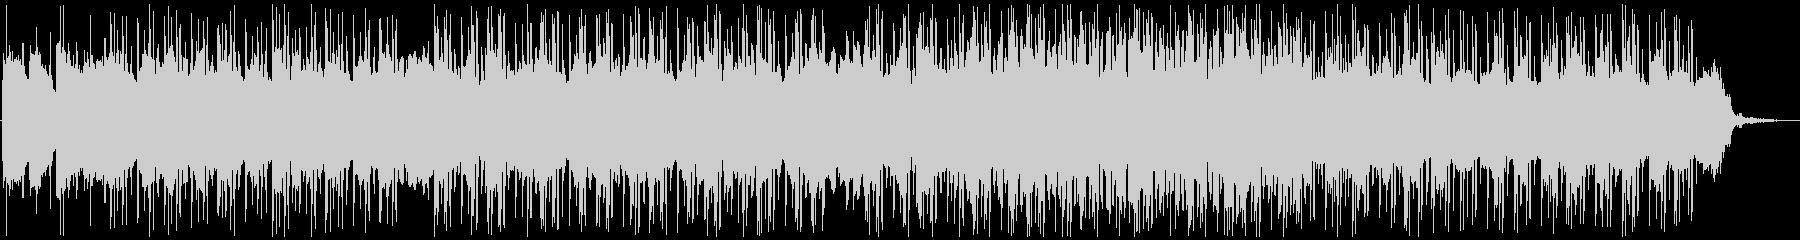 ローファイ色のあるトロピカルハウスの未再生の波形